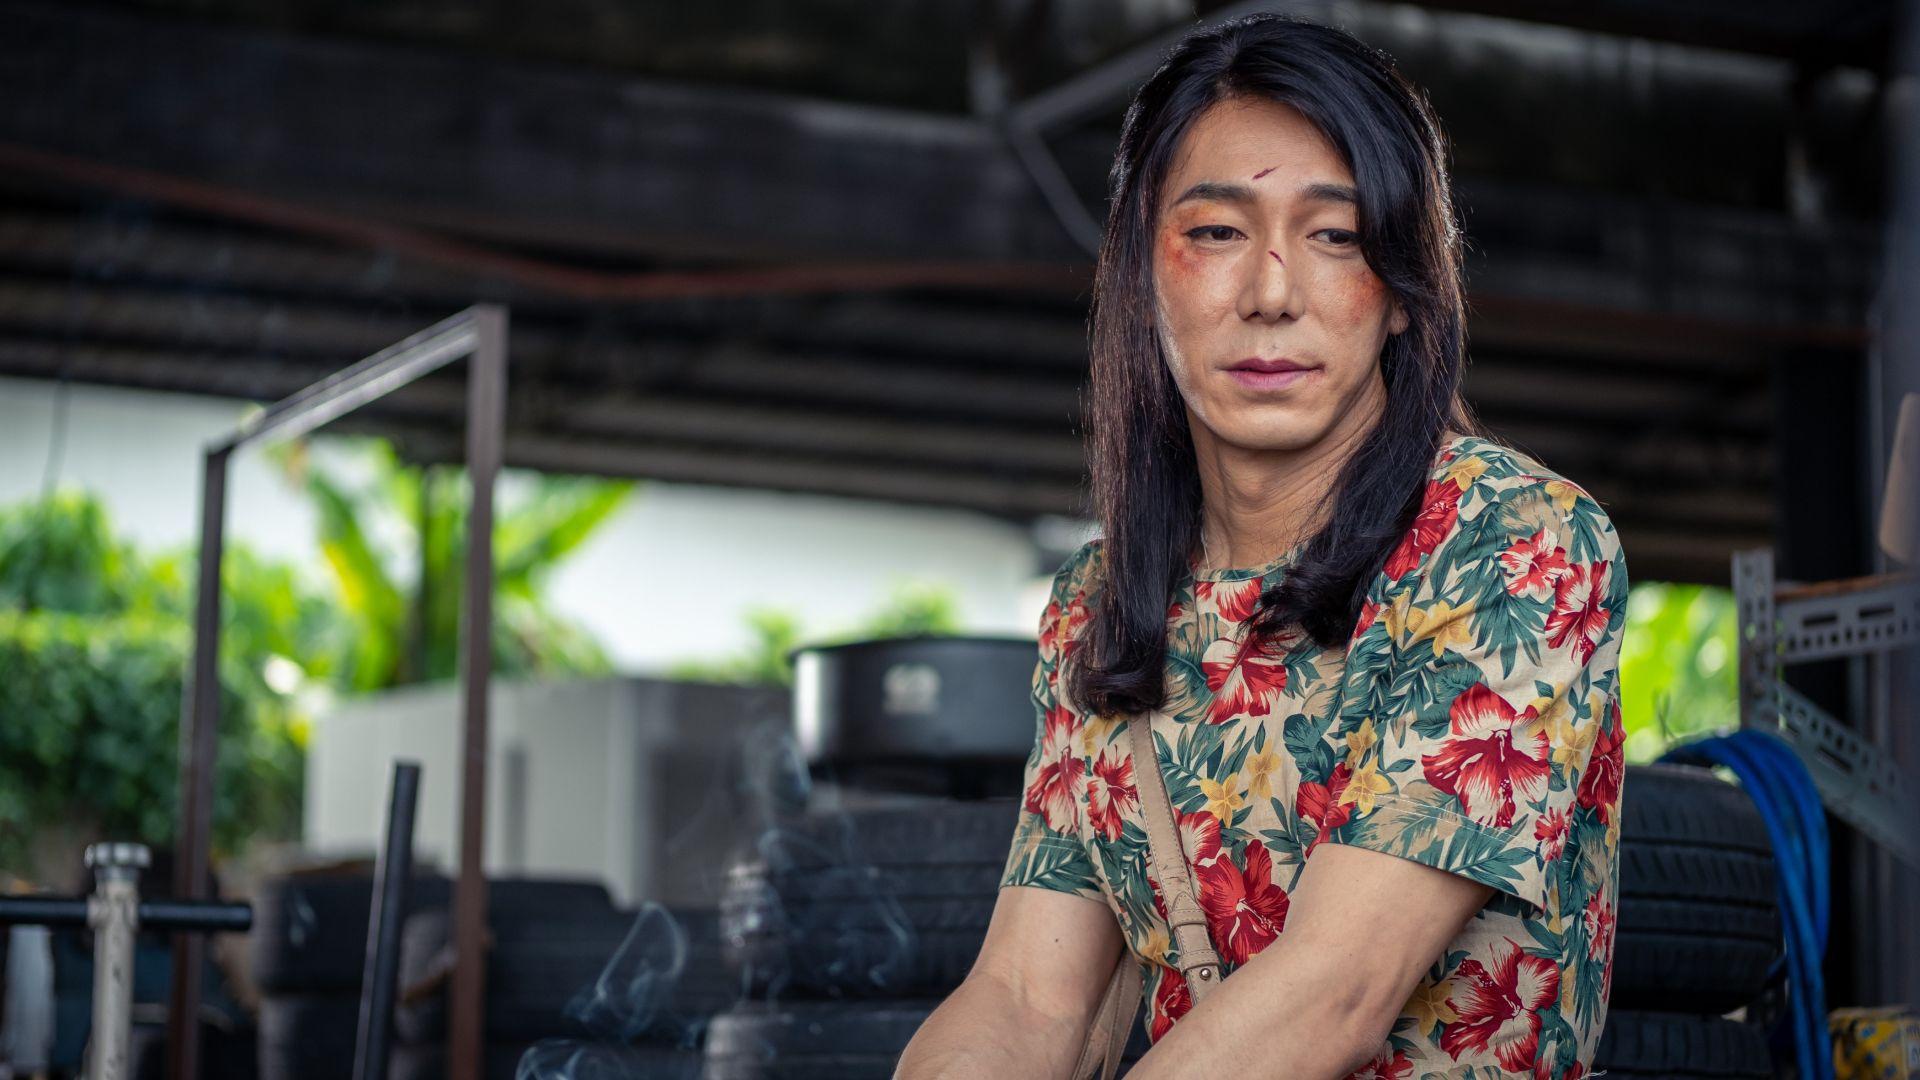 李李仁在《迷失安狄》中演绎跨性别者的痛苦人生